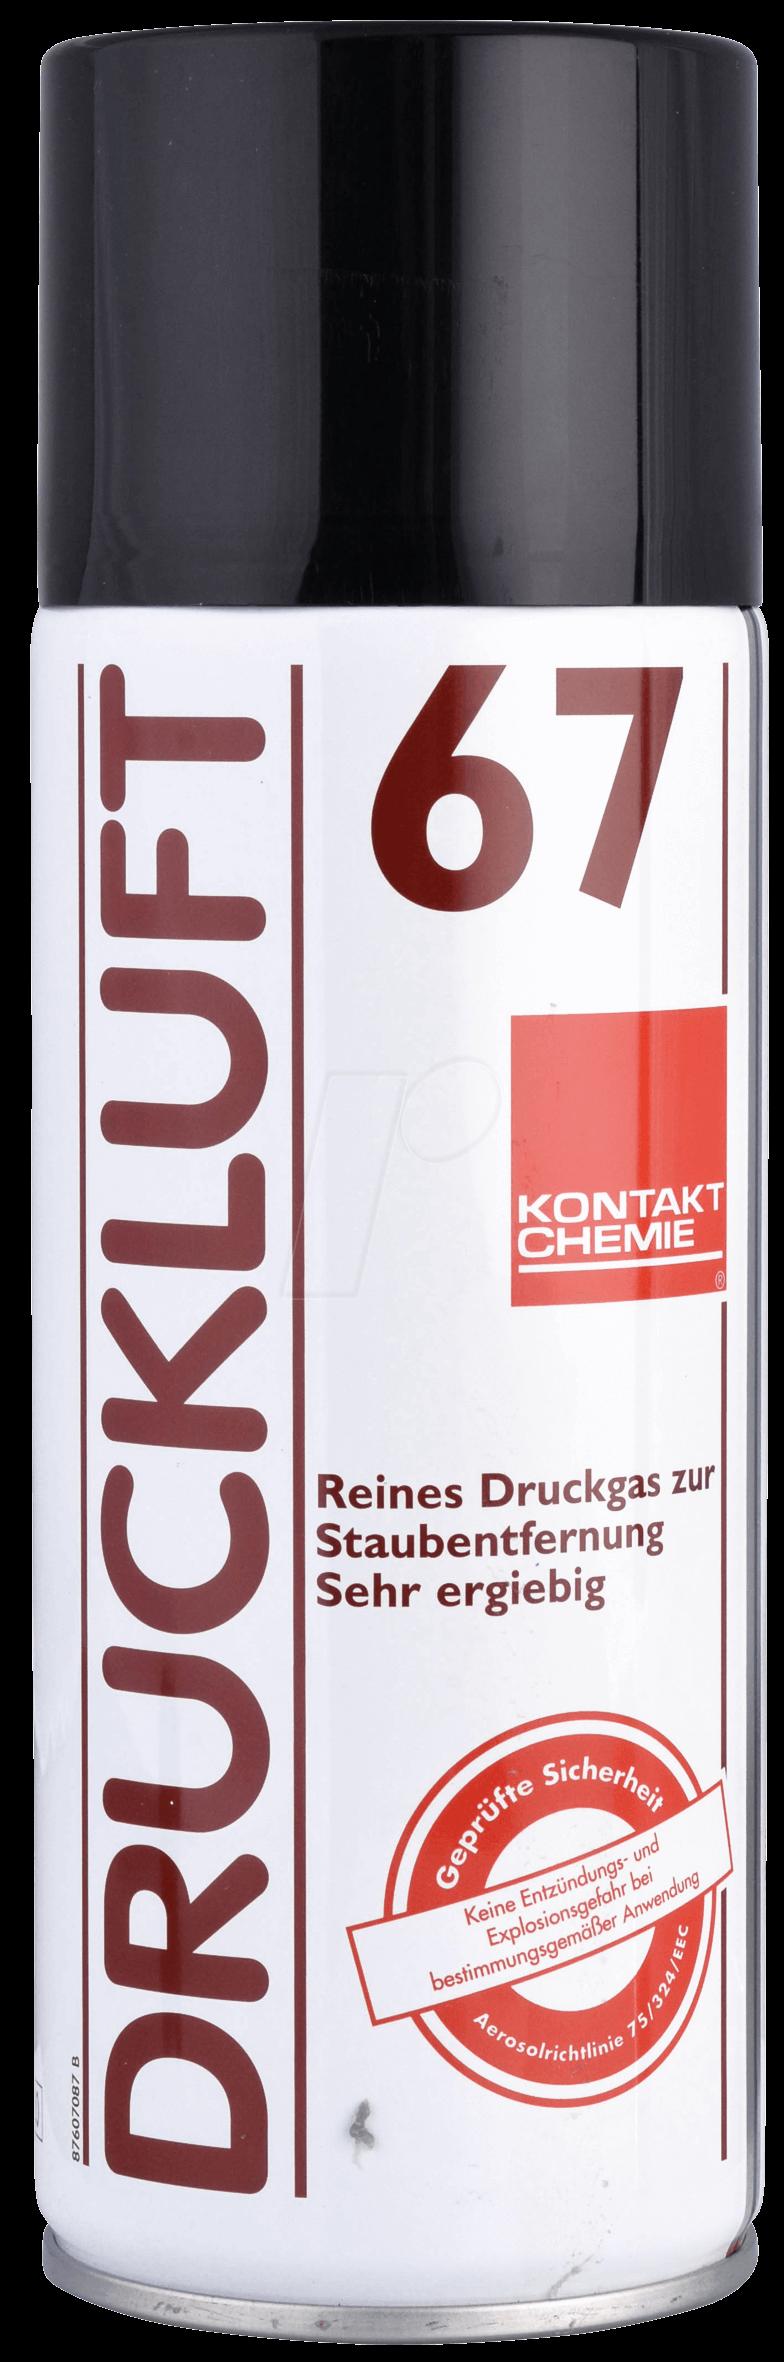 https://cdn-reichelt.de/bilder/web/xxl_ws/X200/KONTAKT_334.png